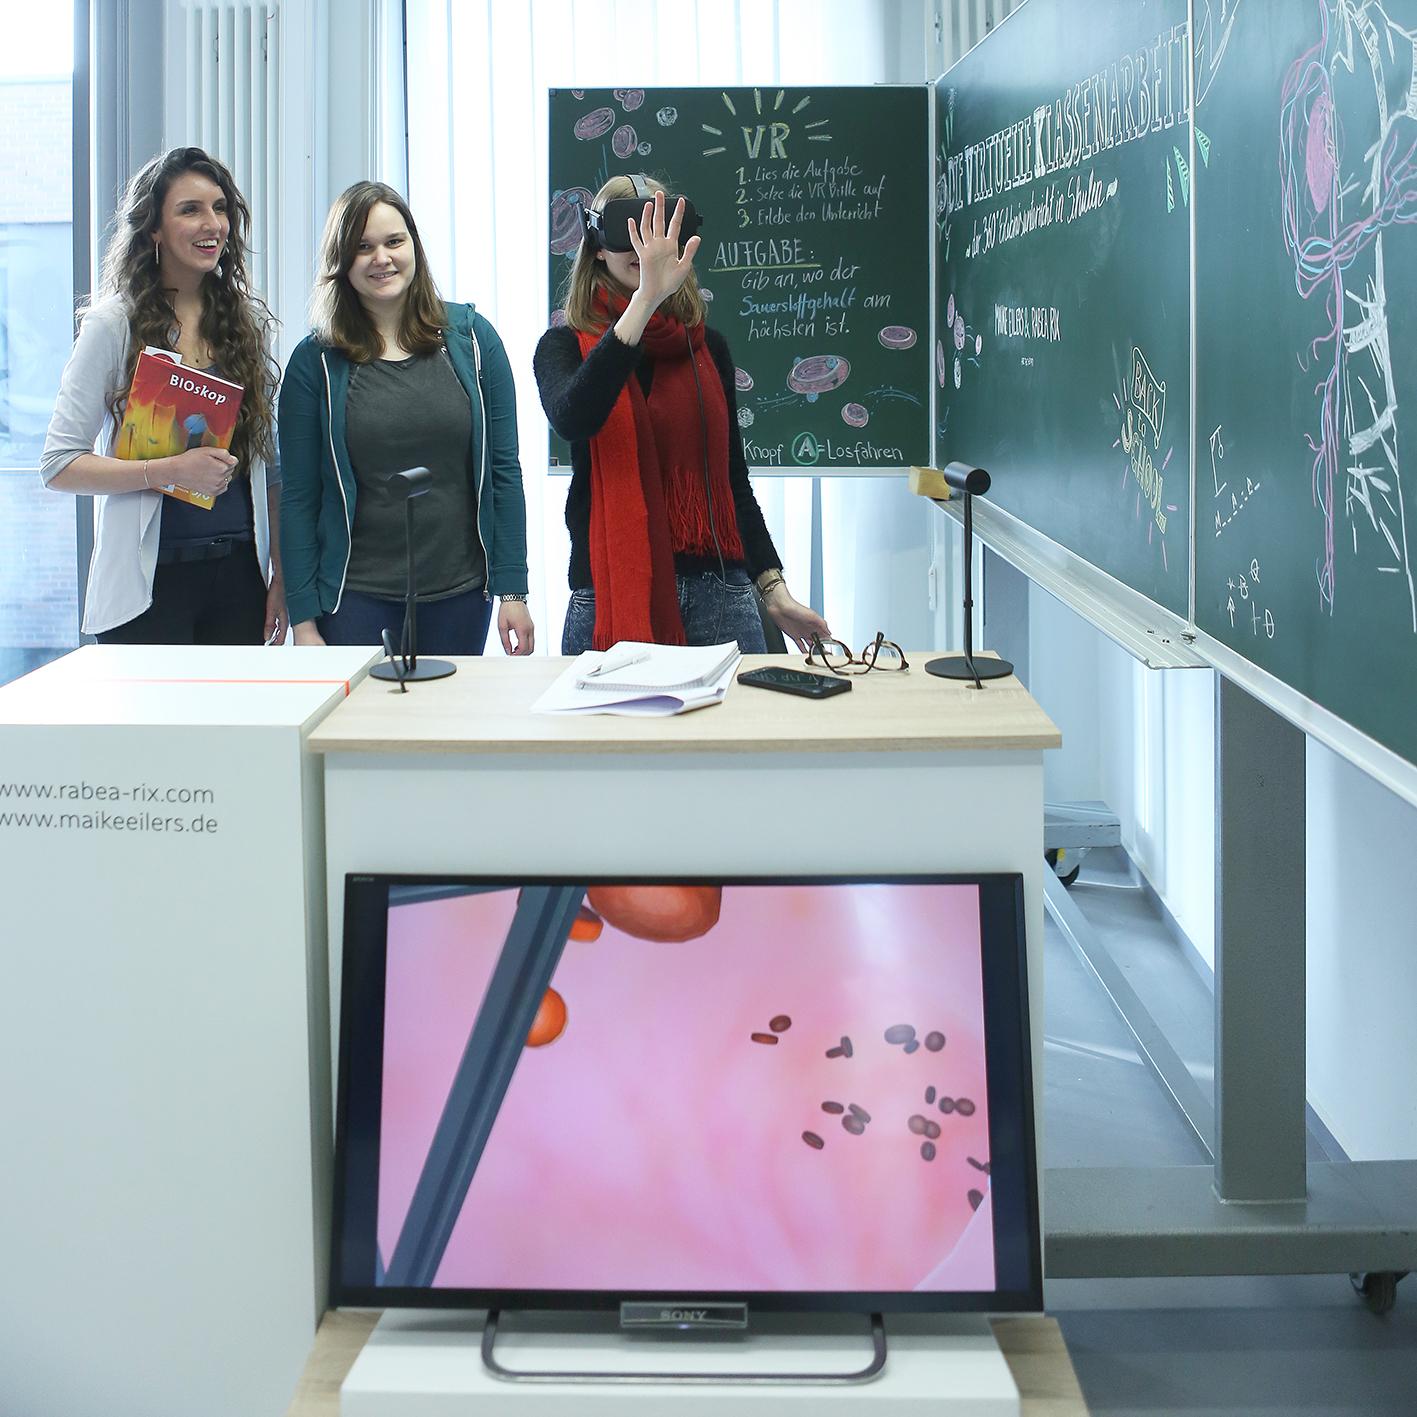 Rix, Eilers und Besucherin, die eine VR-Brille trägt. Auf einem Bildschirm darunter sieht man den roten Aderntunnel mit Blutkörperchen.